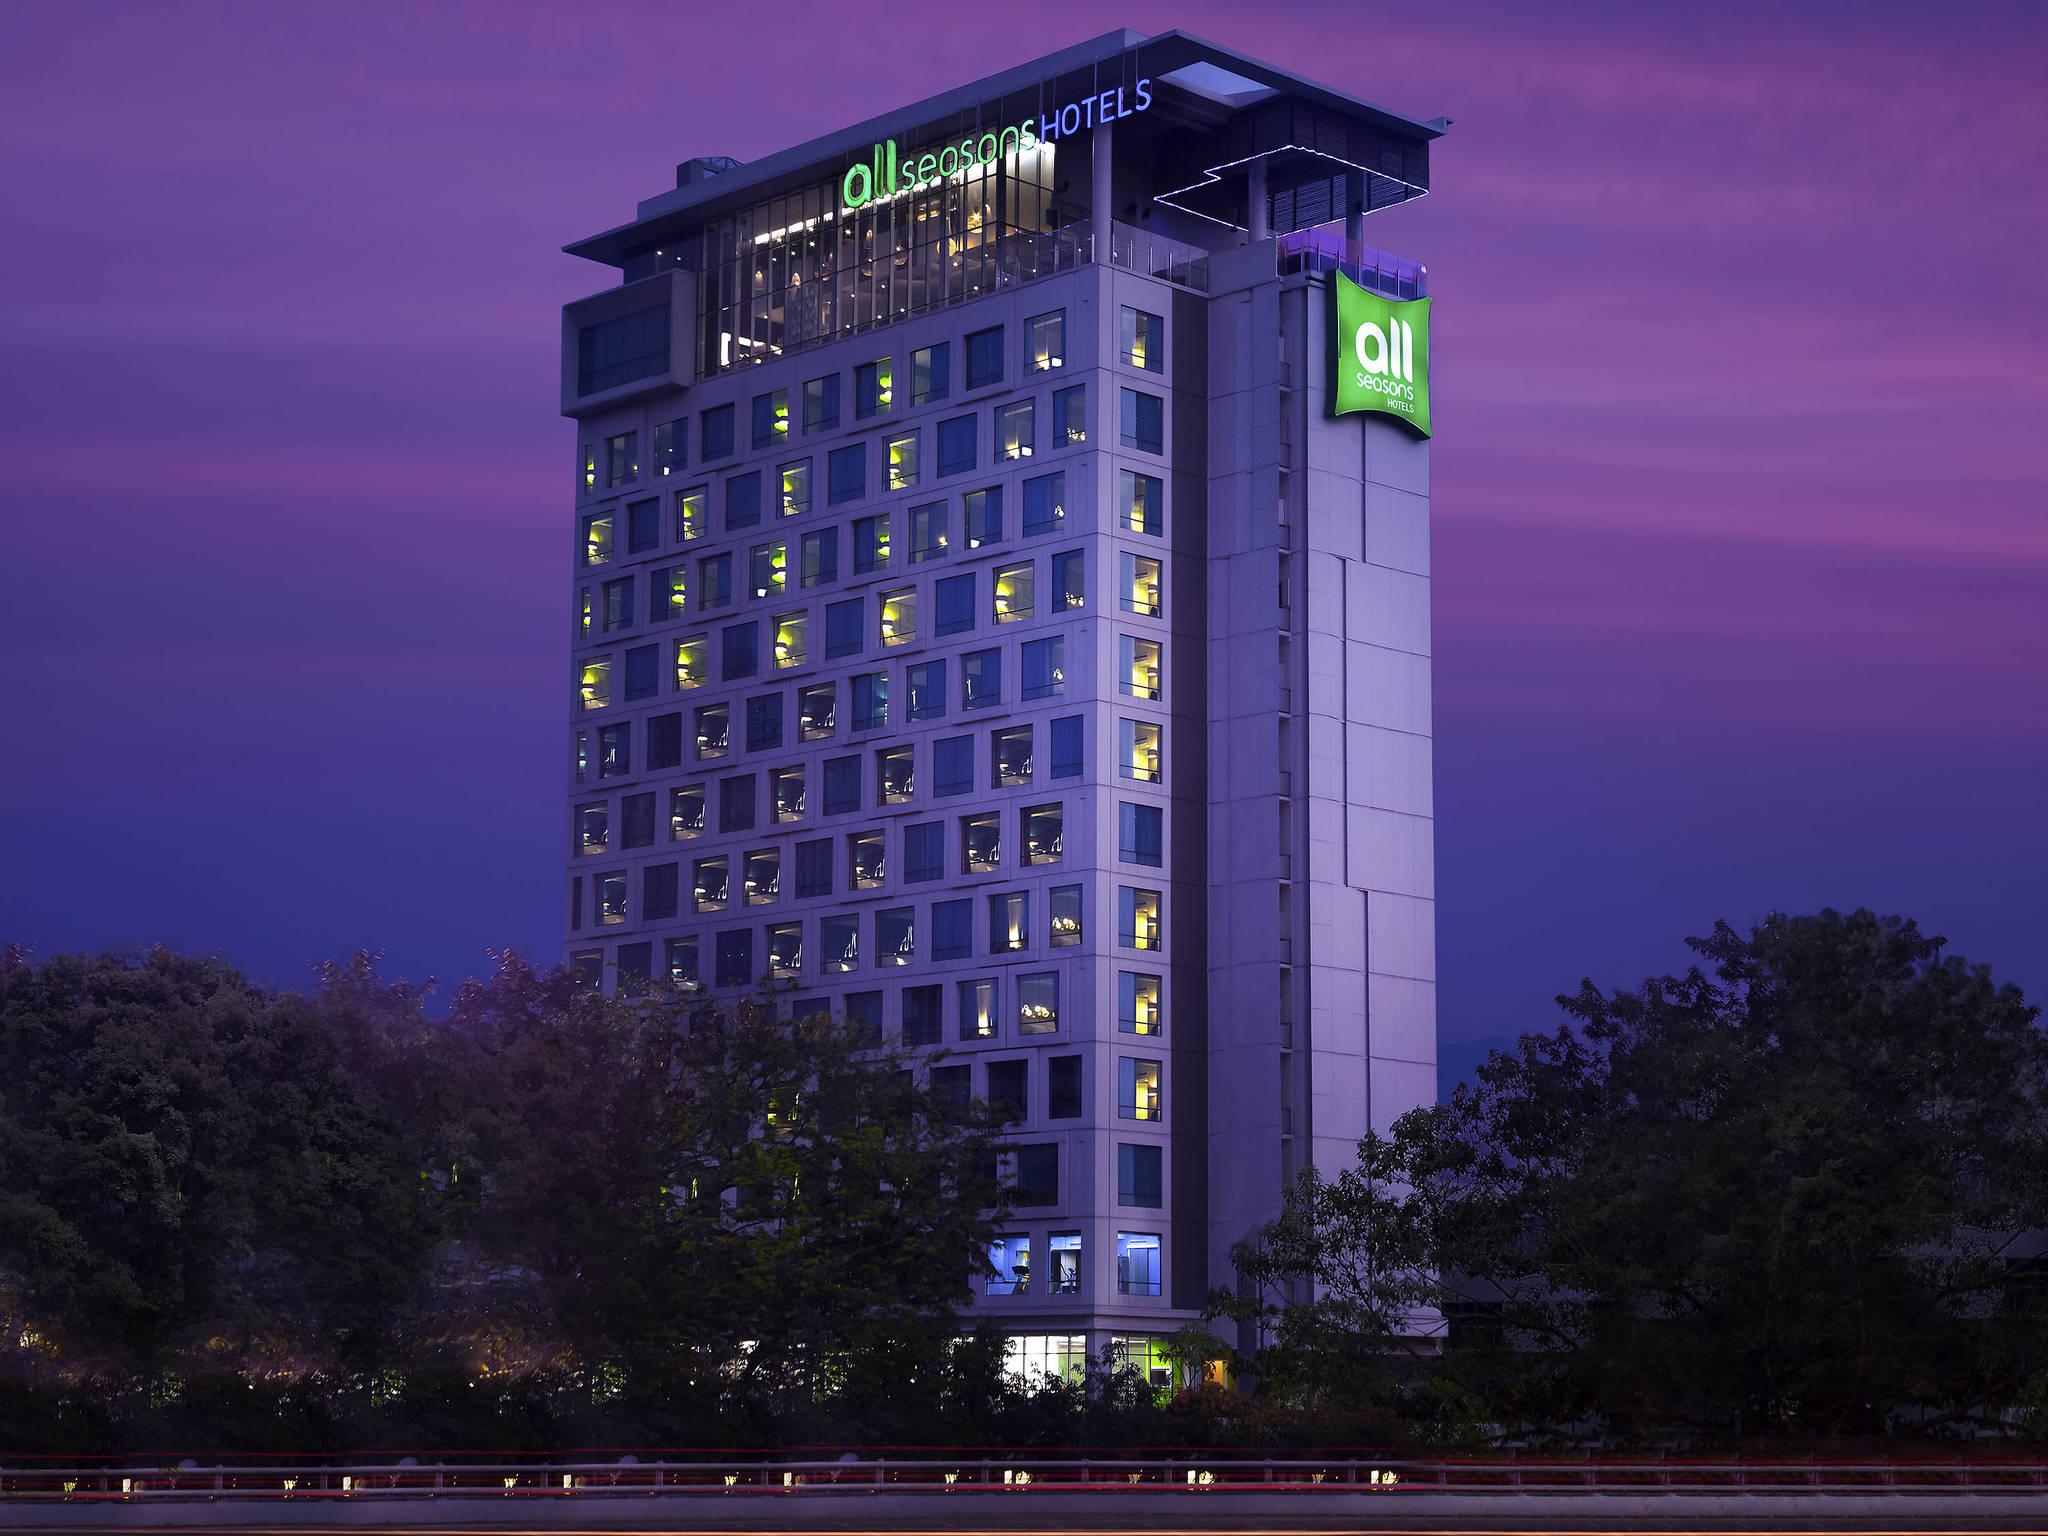 酒店 – all seasons 雅加达坦林酒店